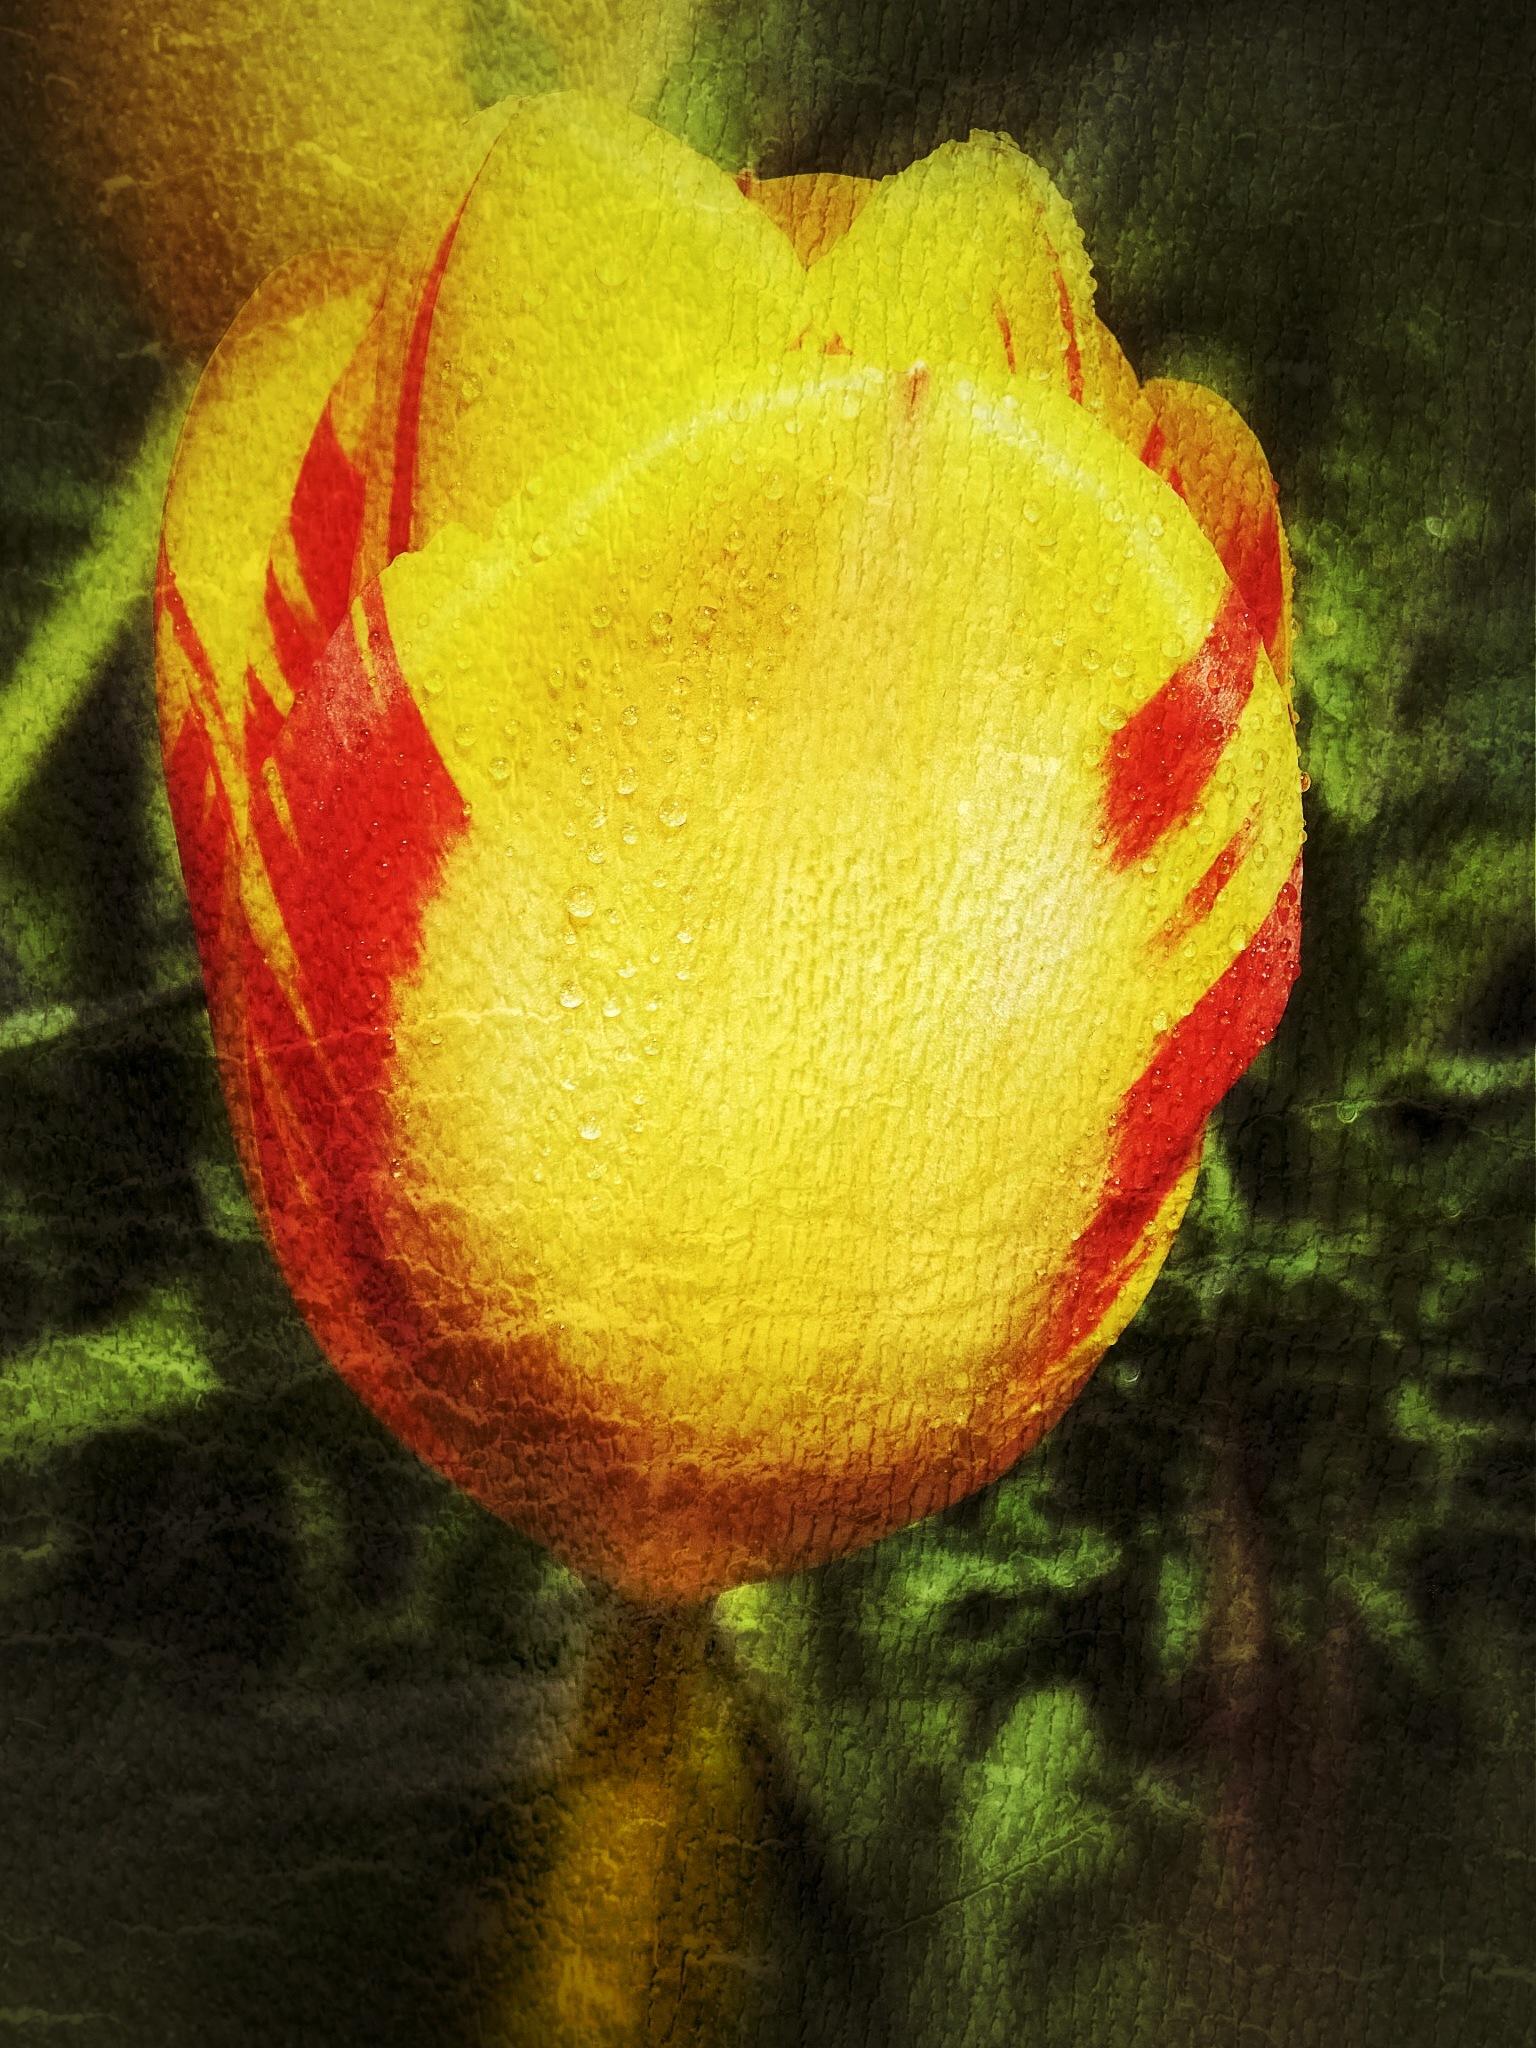 Image Flower...i23062110 by Michael jjg